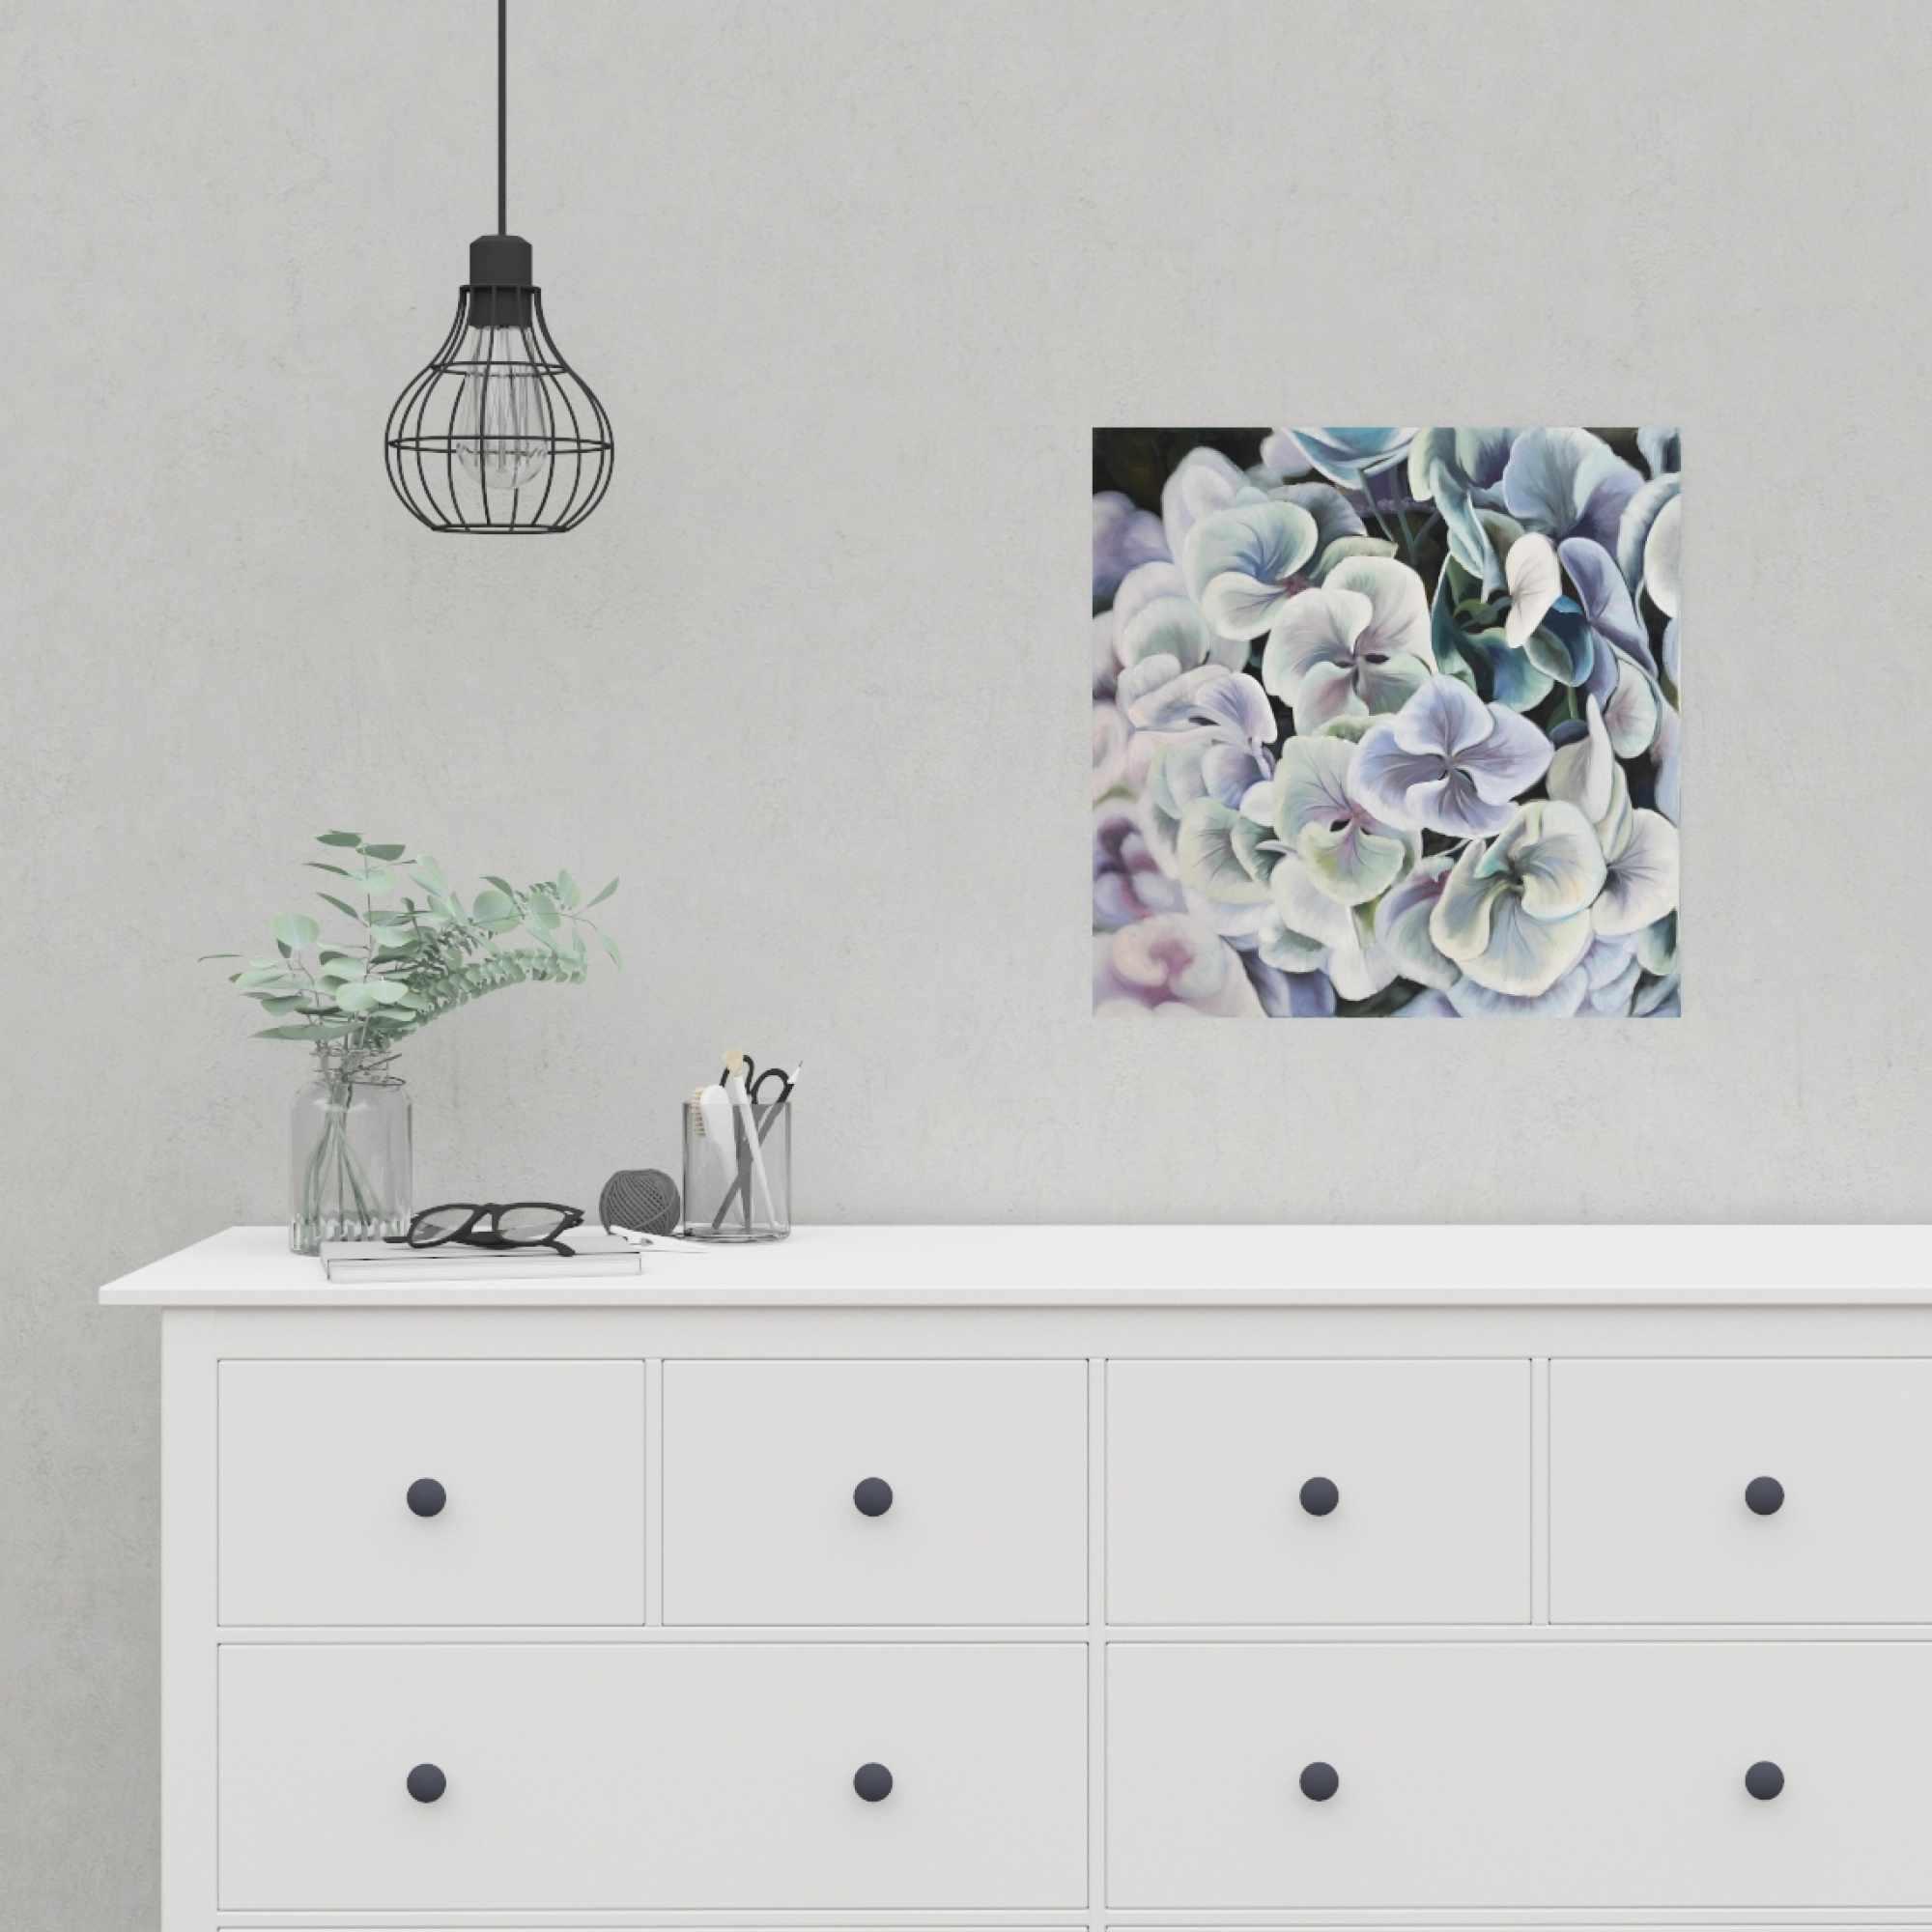 Poster 16 x 16 - Purple hydrangea flowers